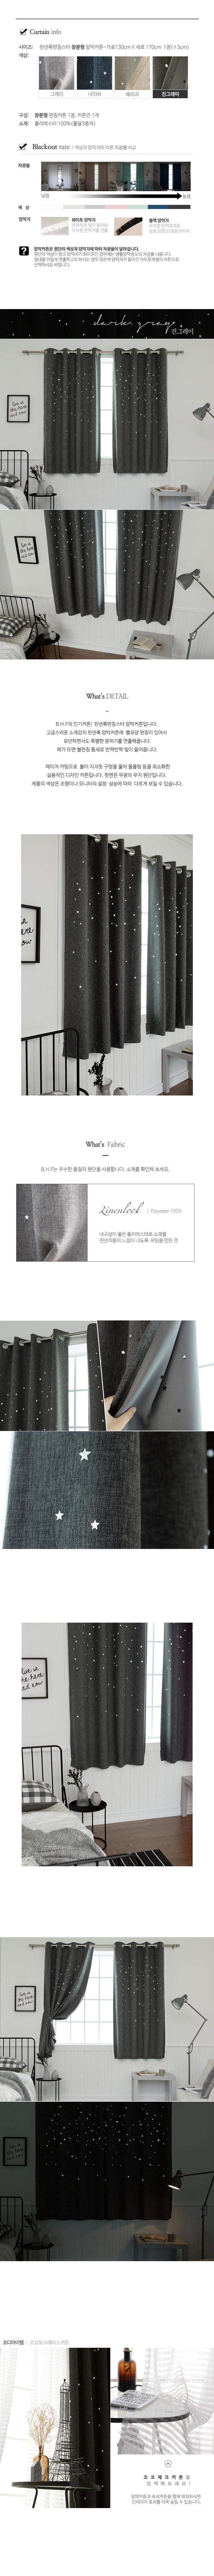 BHF 린넨펀칭스타 작은창 암막커튼(130x170cm) - 비에이치에프, 19,800원, 암막커튼, 무지/솔리드